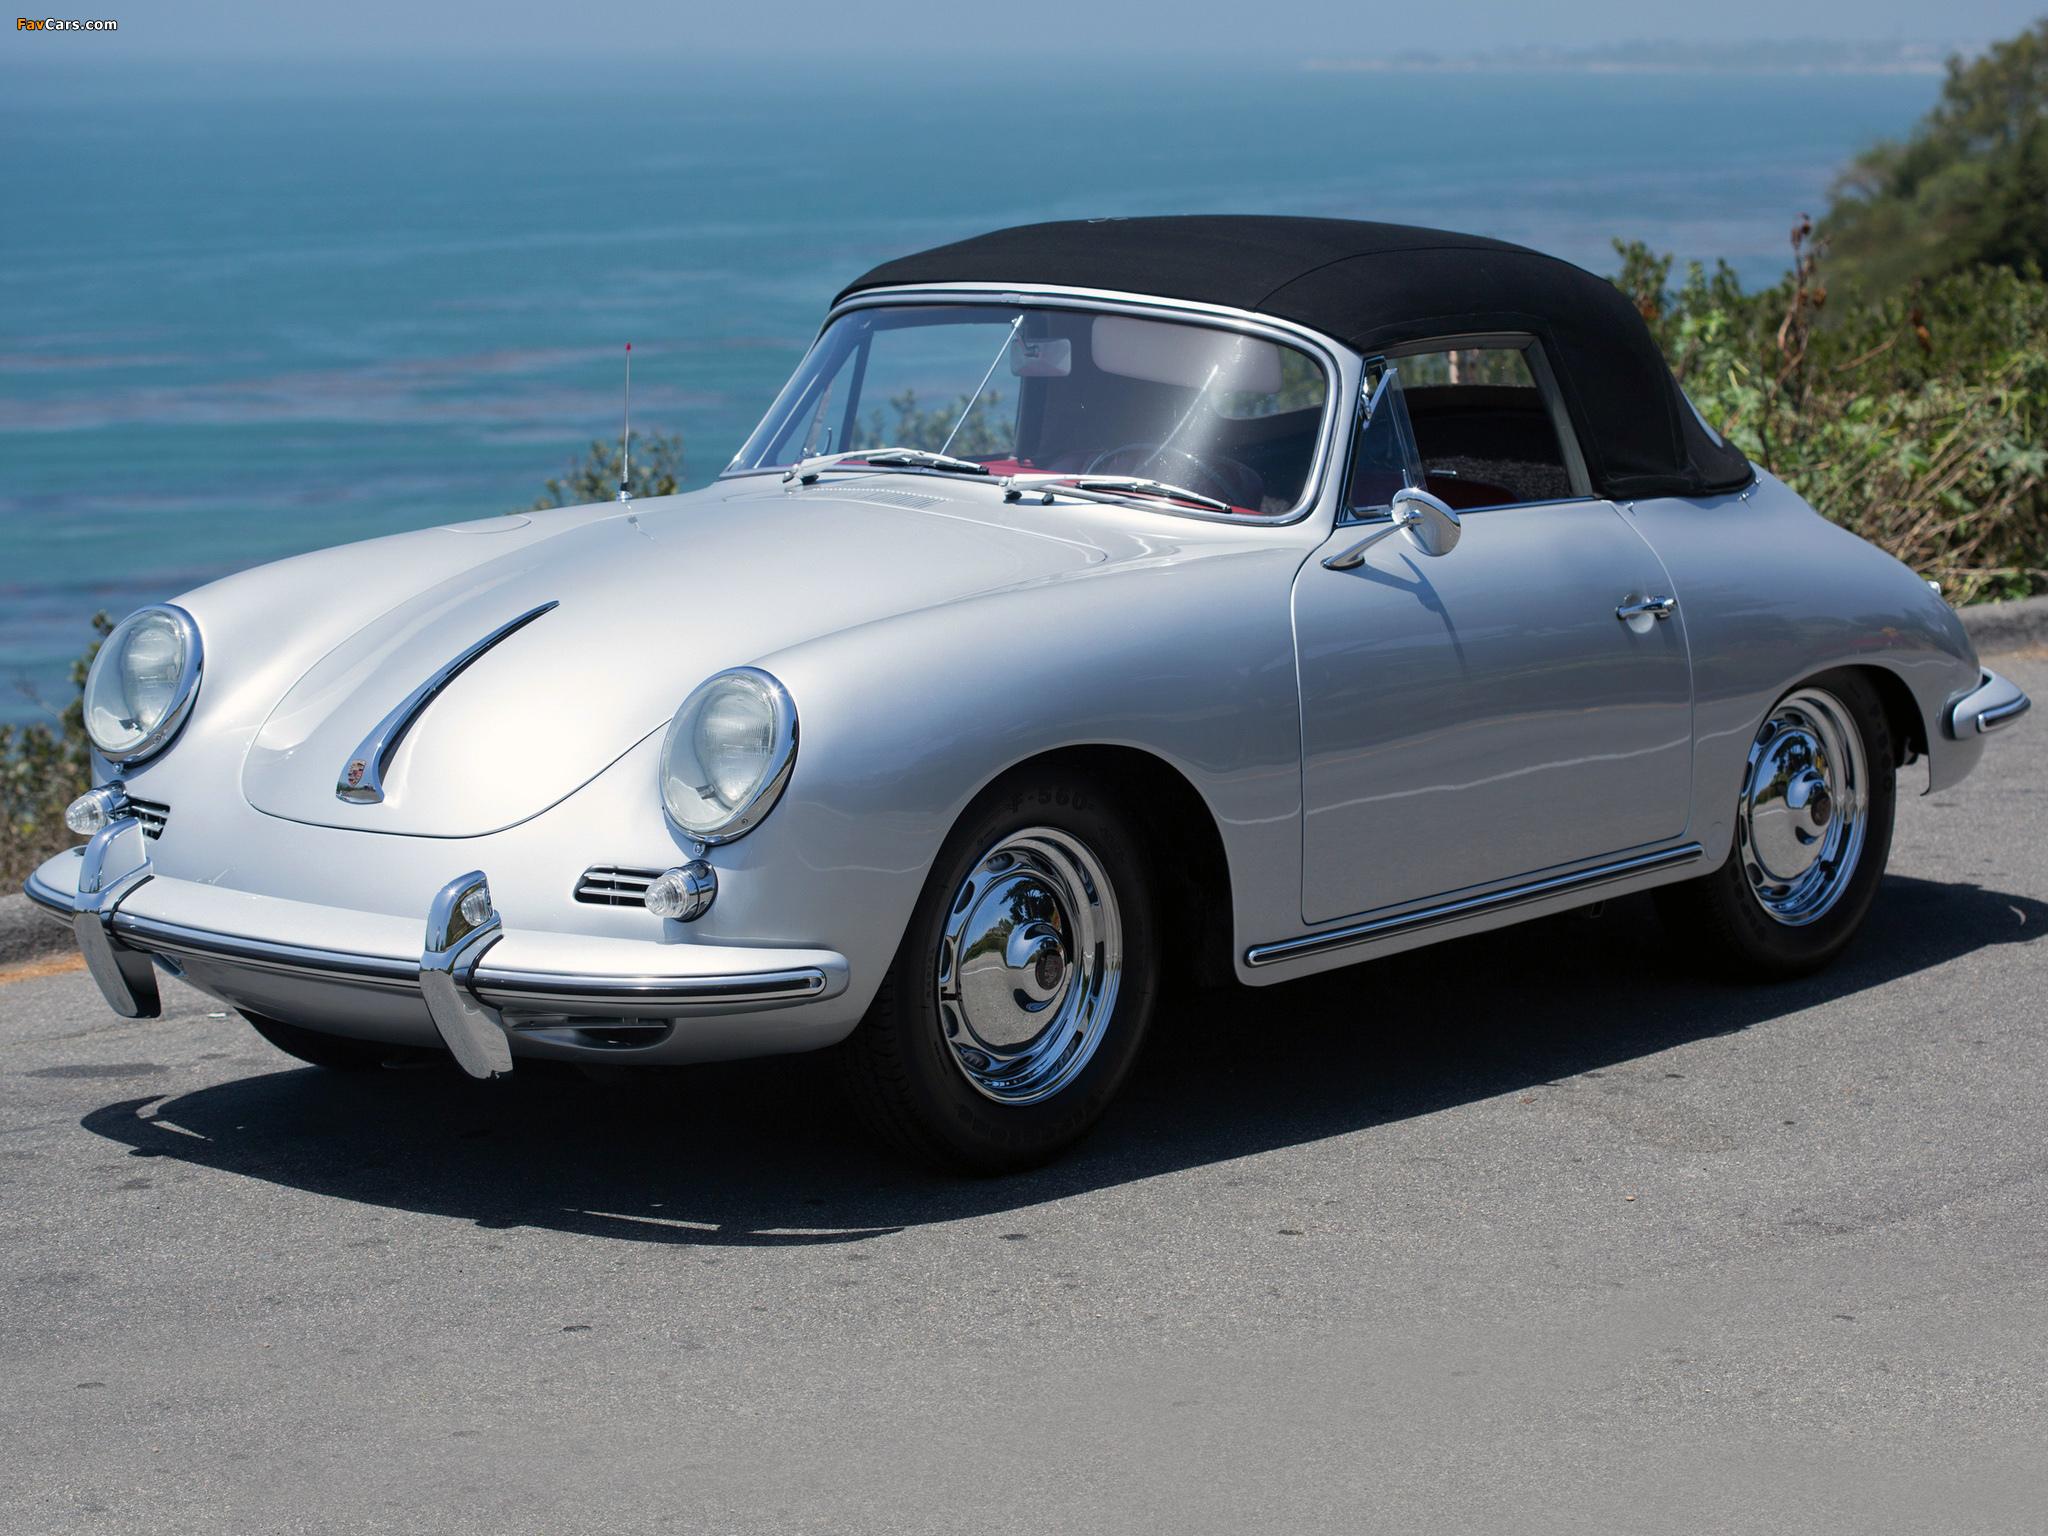 Porsche 356b 1600 S Cabriolet Us Spec T6 1962 63 Images 2048x1536